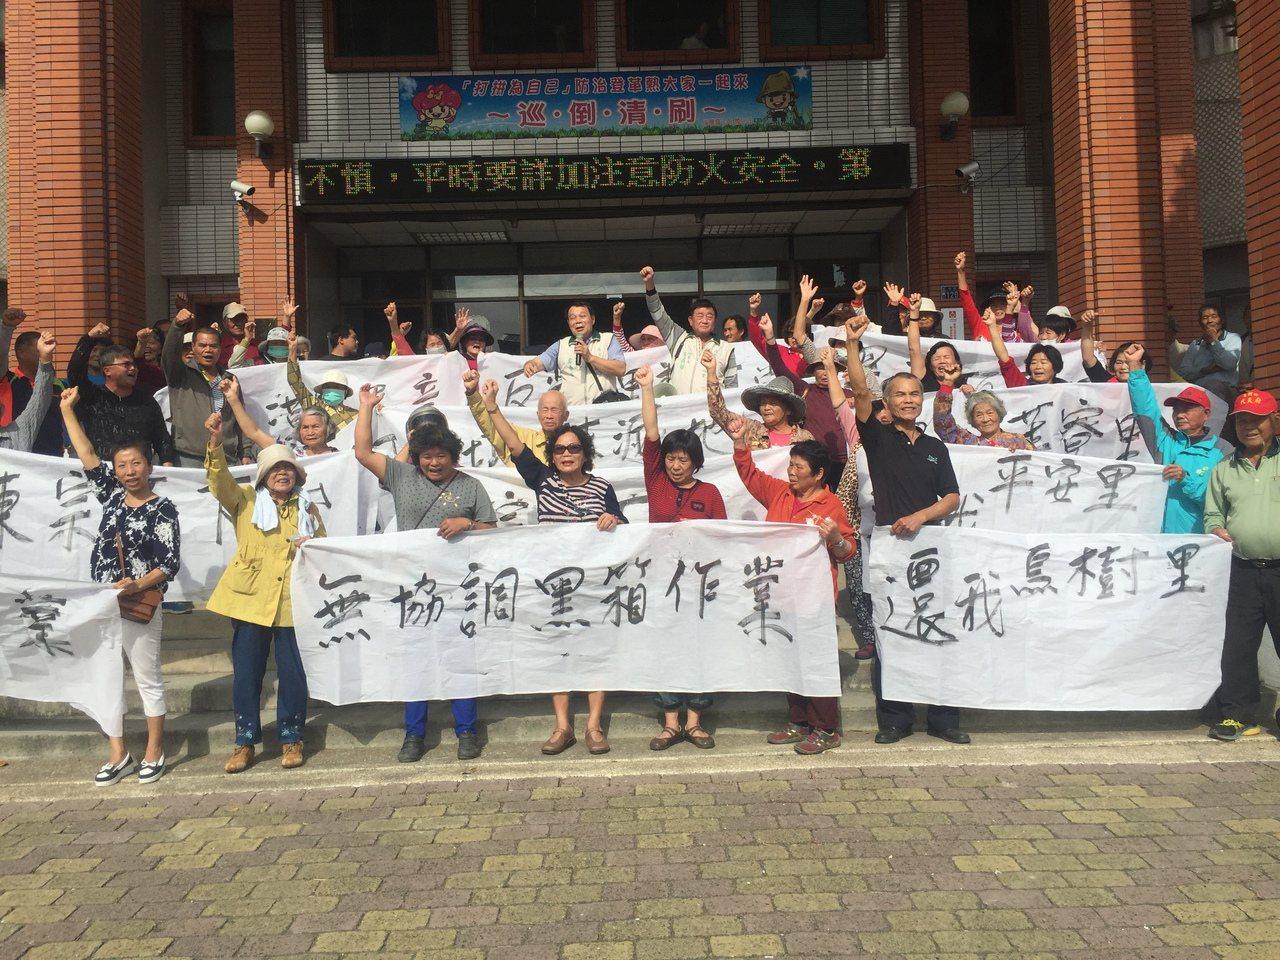 台南後壁區里長到公所抗議。記者吳政修/攝影